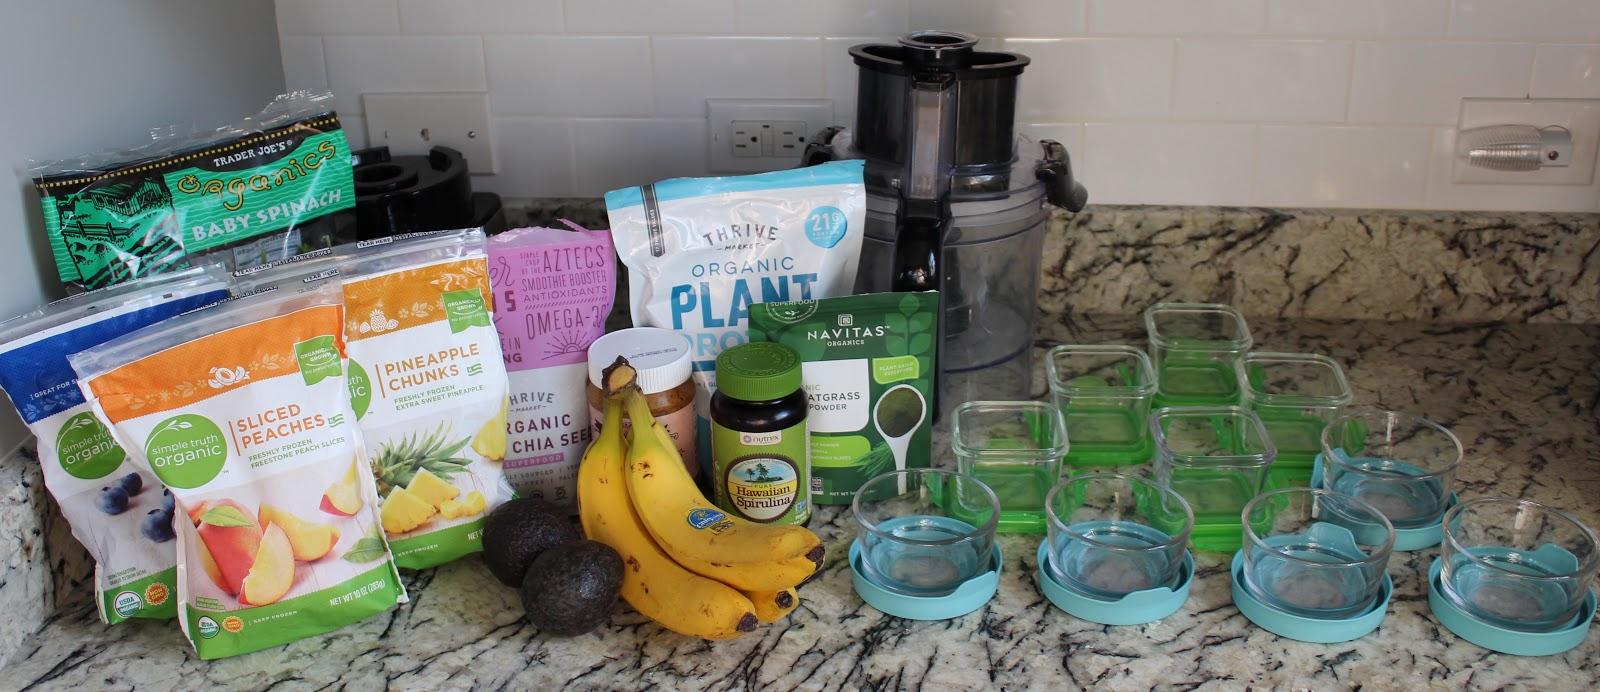 green smoothie prep ingredients